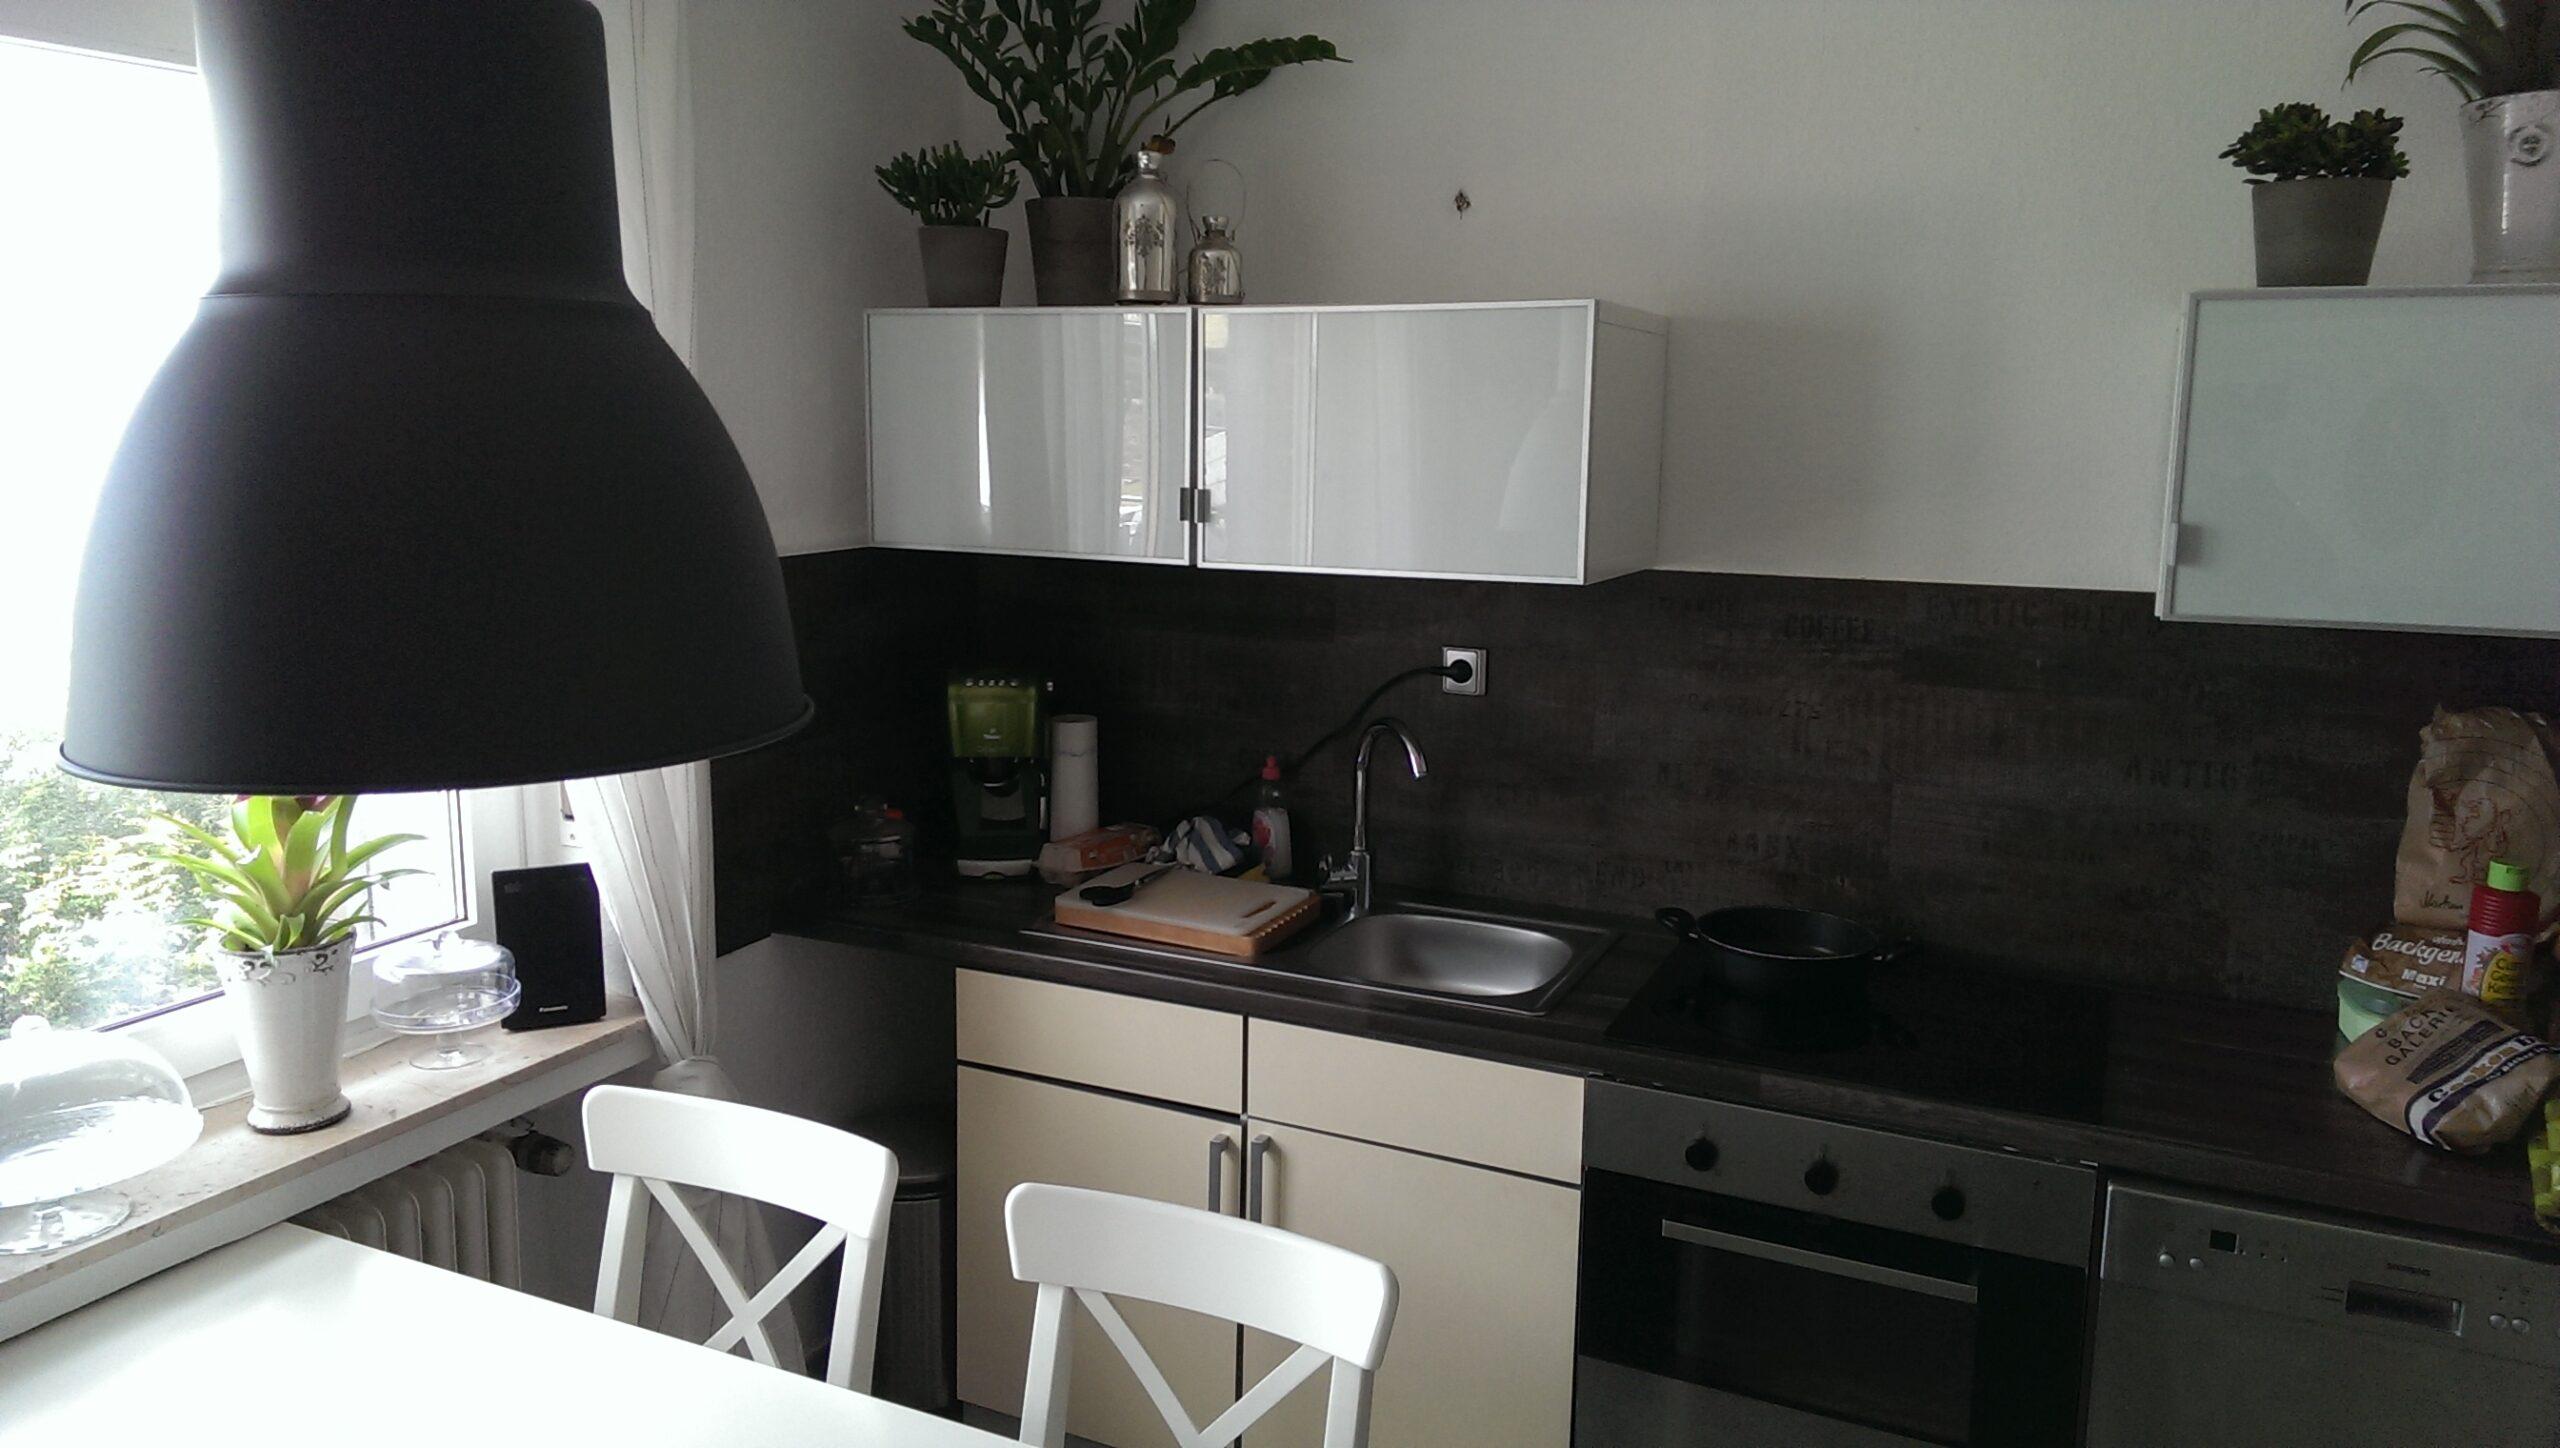 Full Size of Küchen Fliesenspiegel Kuche Hohe Caseconradcom Küche Glas Selber Machen Regal Wohnzimmer Küchen Fliesenspiegel